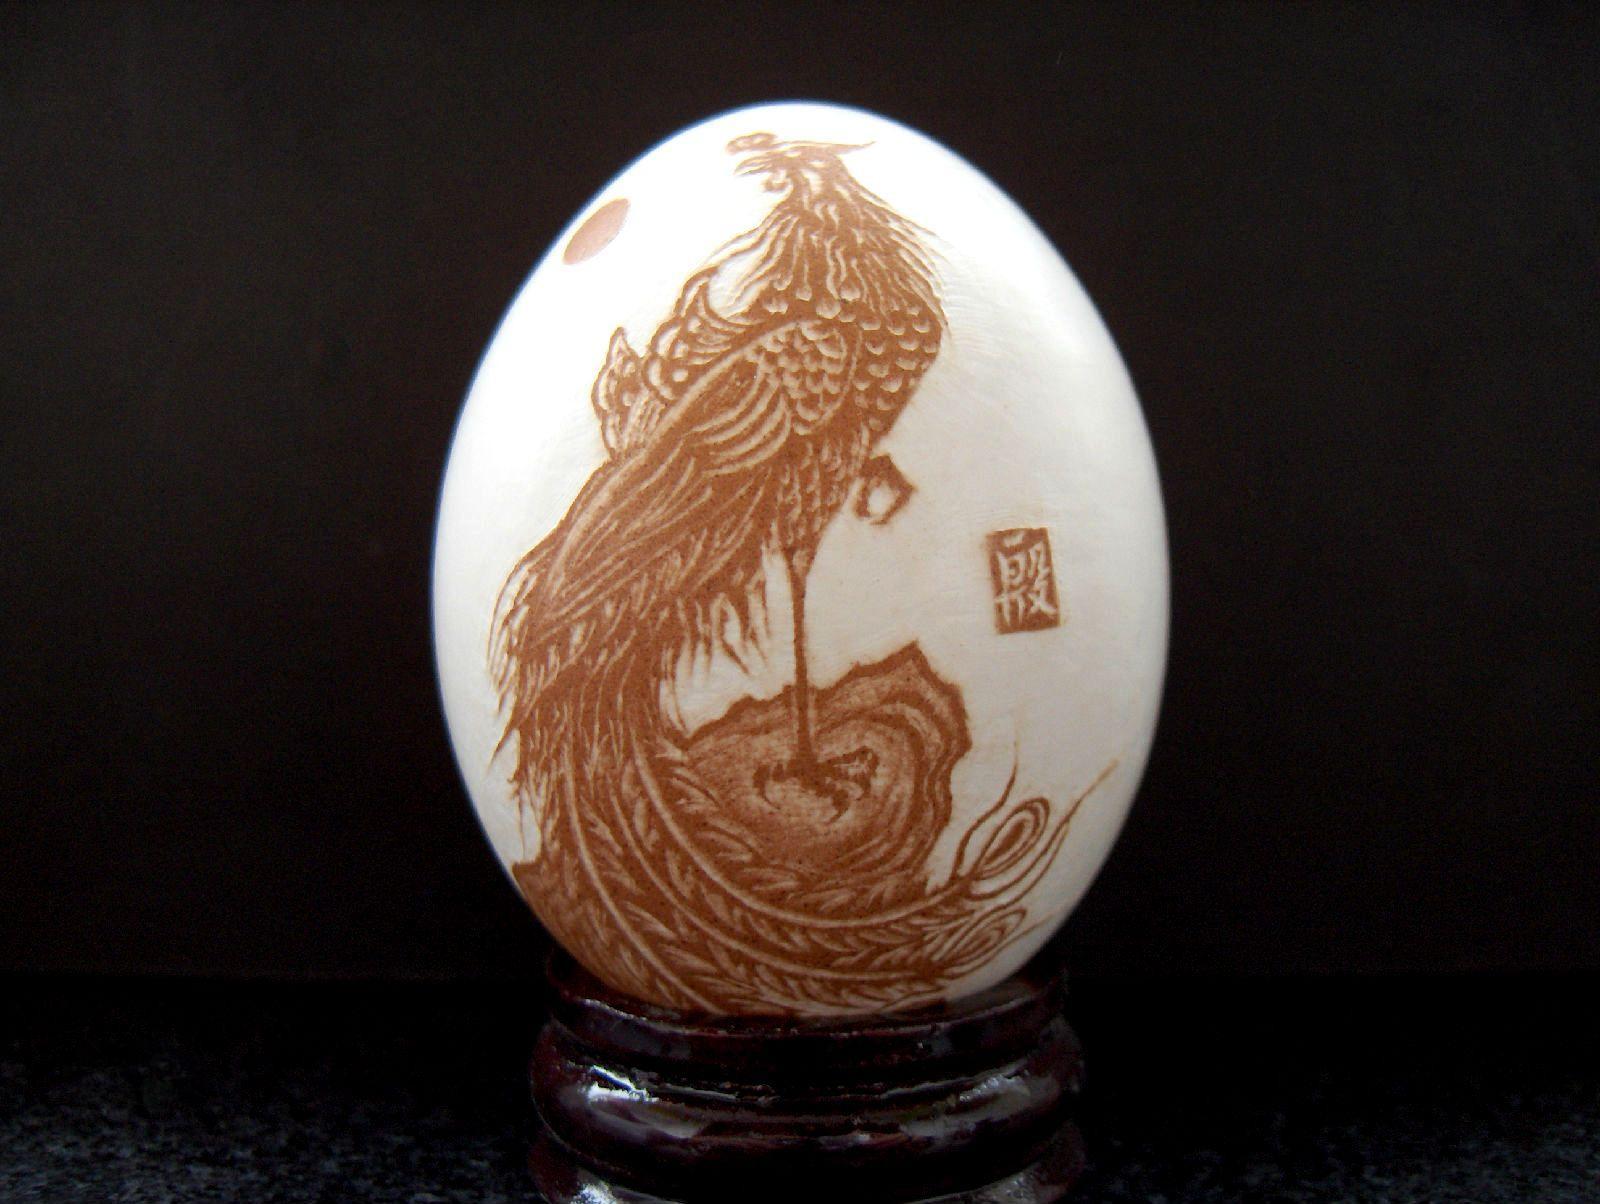 疯狂的鸡蛋 小小蛋壳能量大 大开眼界民间手工艺品